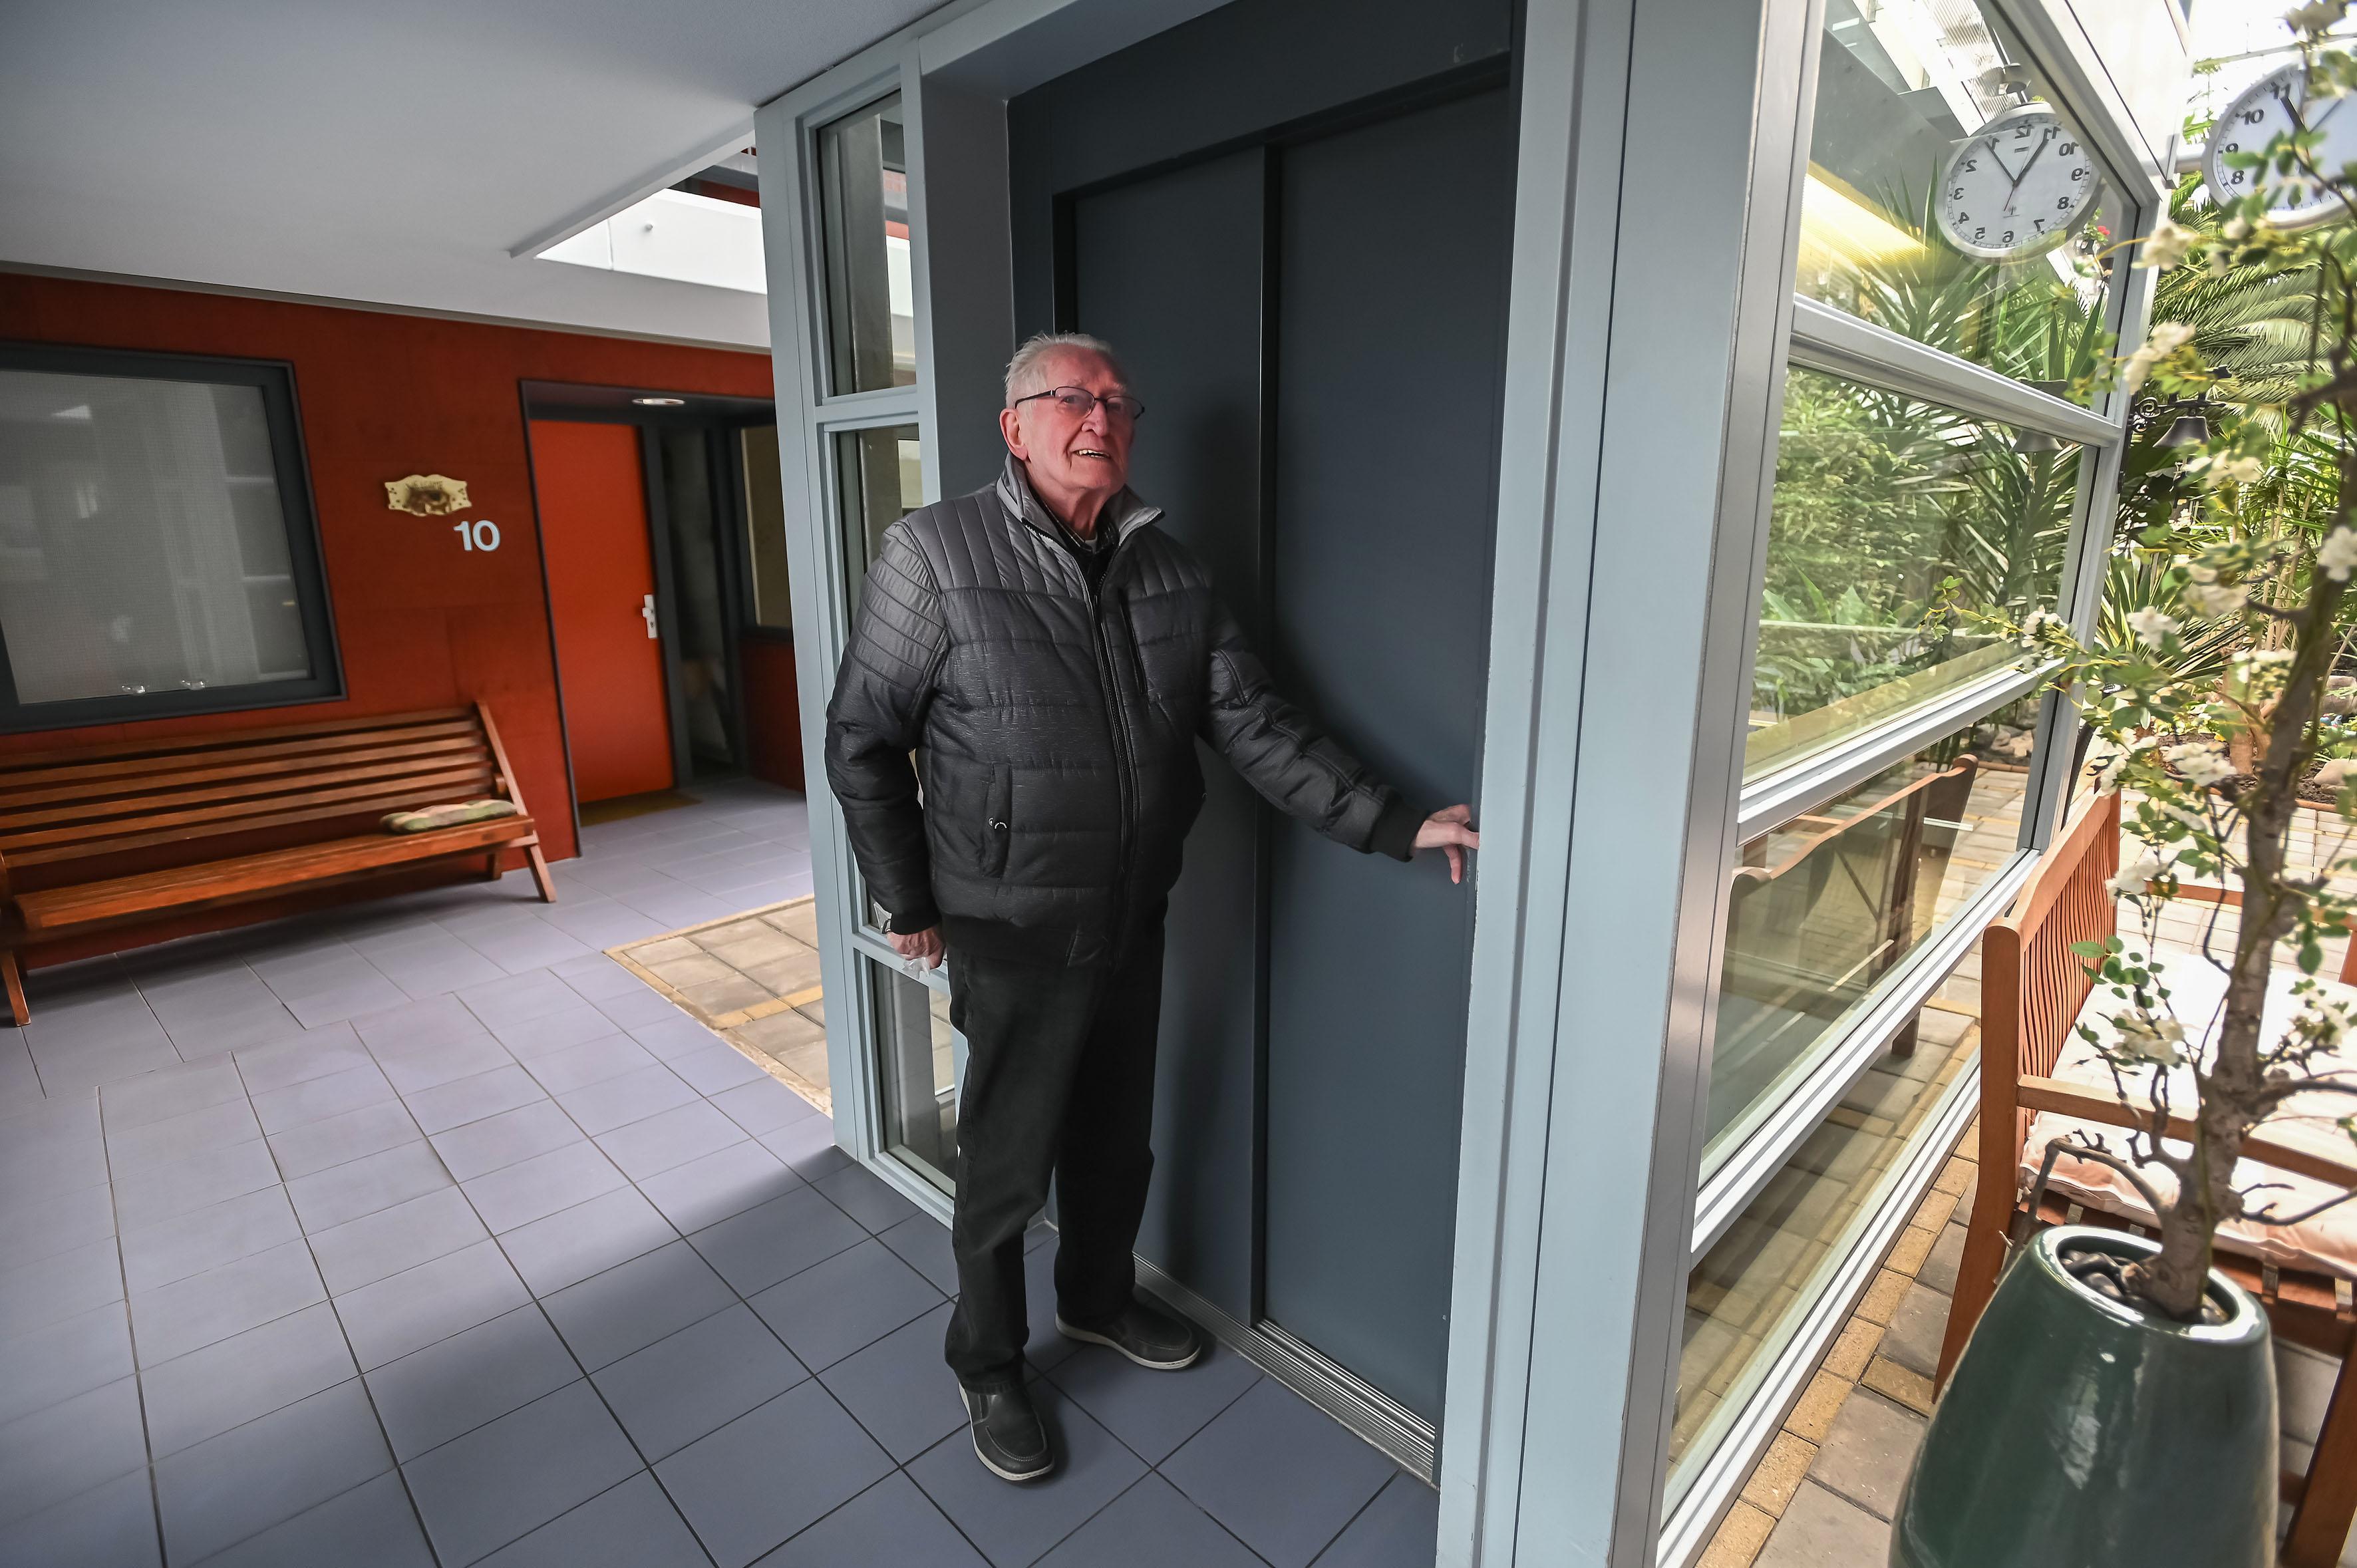 Lift seniorencomplex Kwakershof in Enkhuizen weigert dienst tijdens hartinfarct bewoonster (79): 'Het was een heel nare situatie'